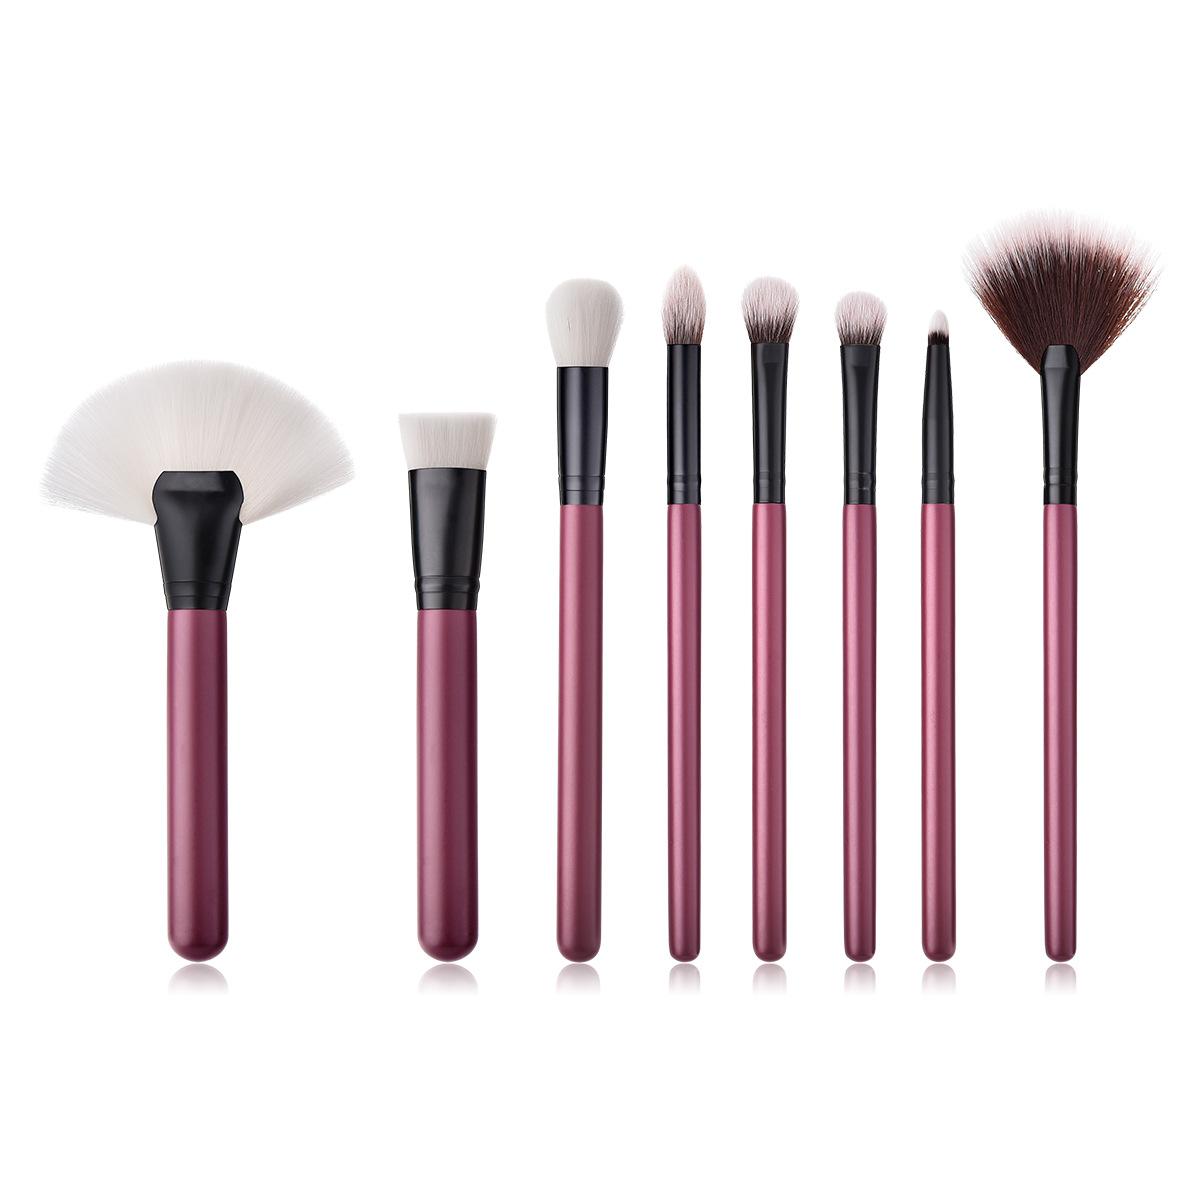 8 pcs makeup brush set MB122